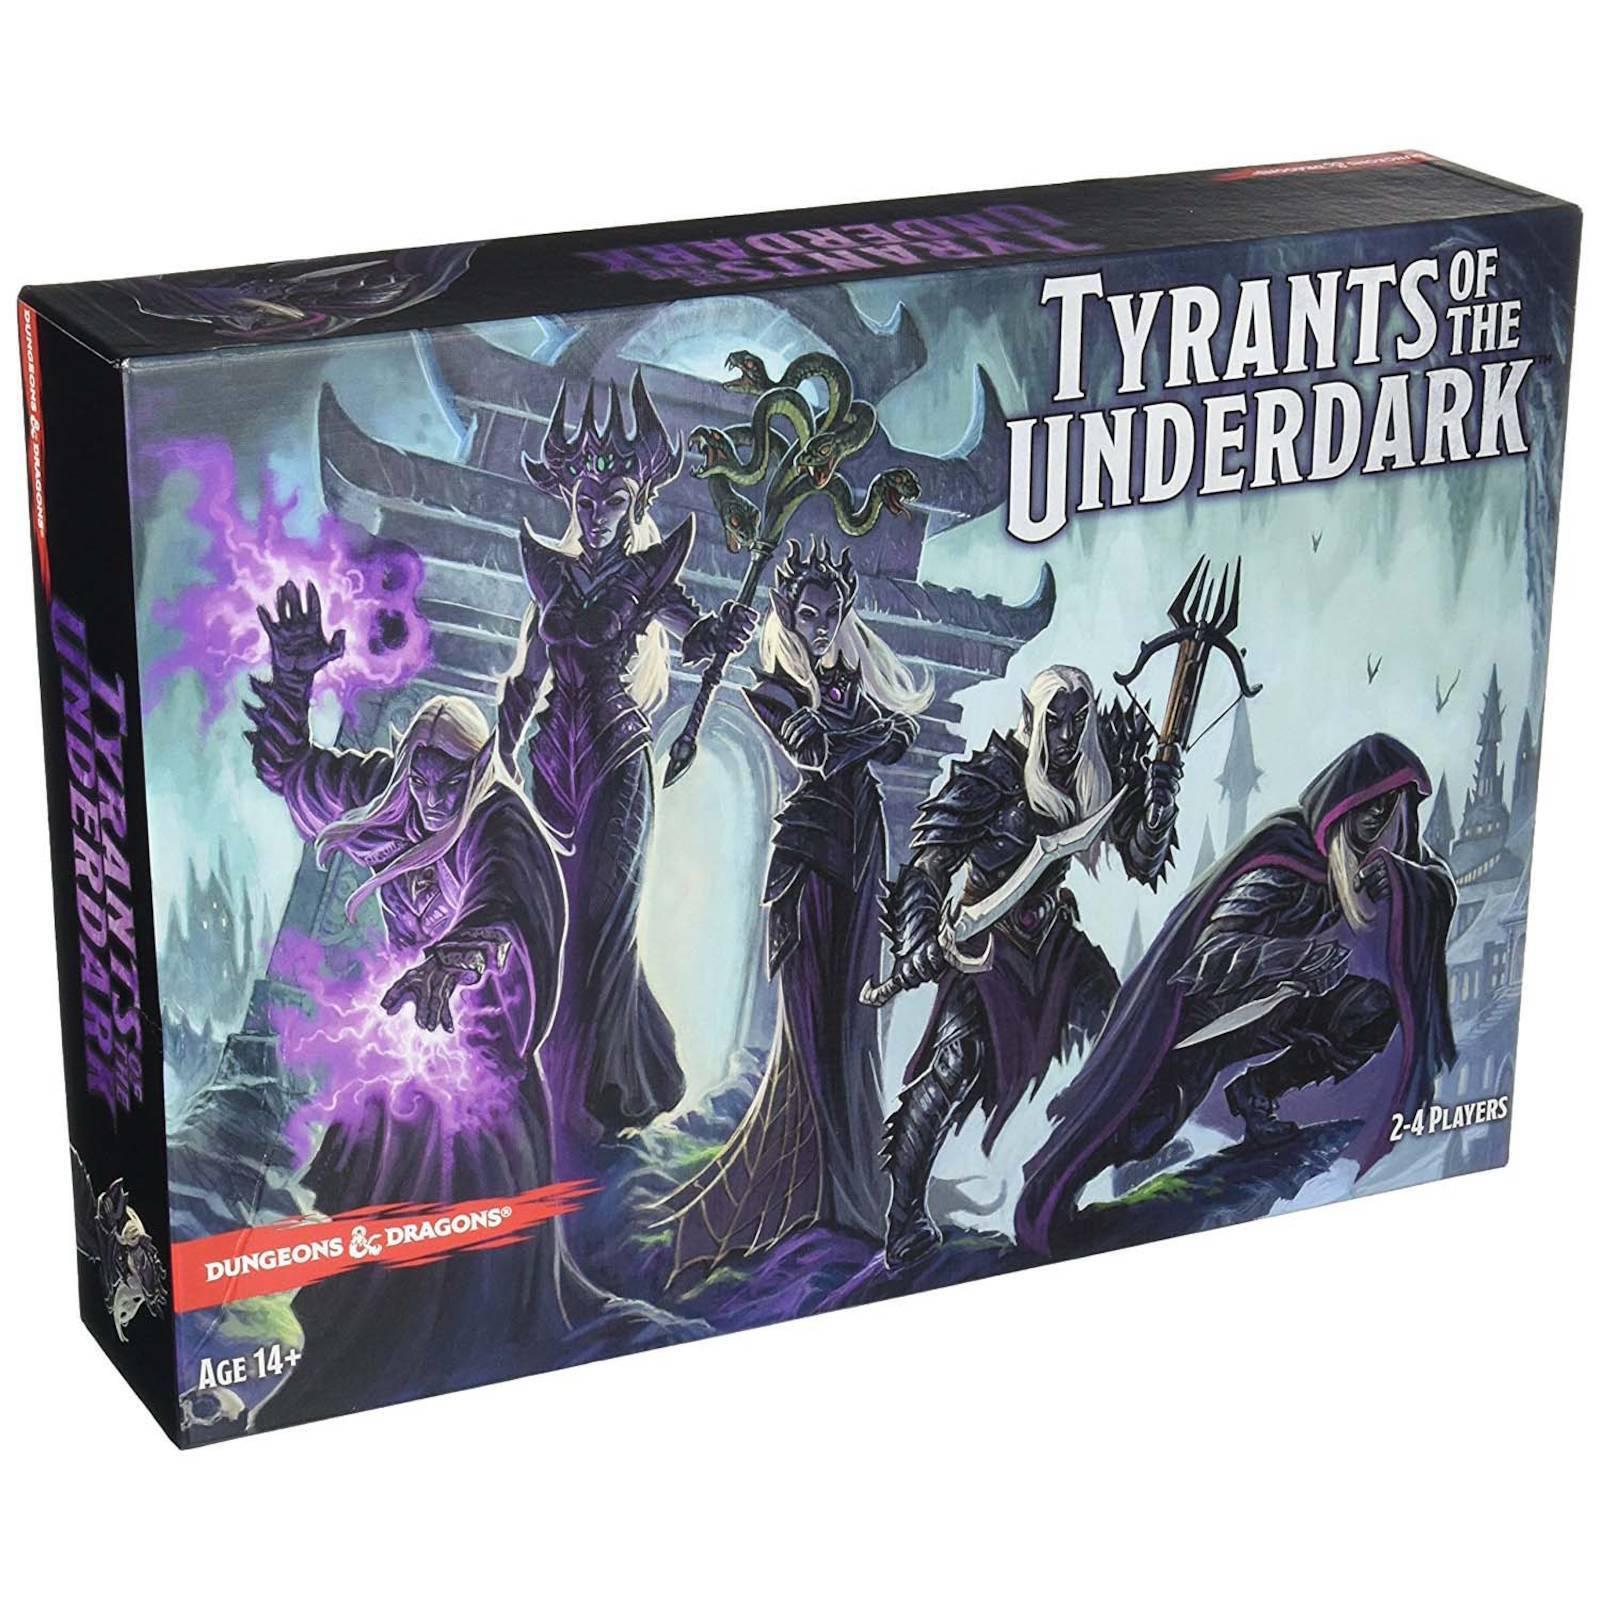 Dungeons & Dragons Tyrants des Underdark Stratégie Donjons et Jeu de Société